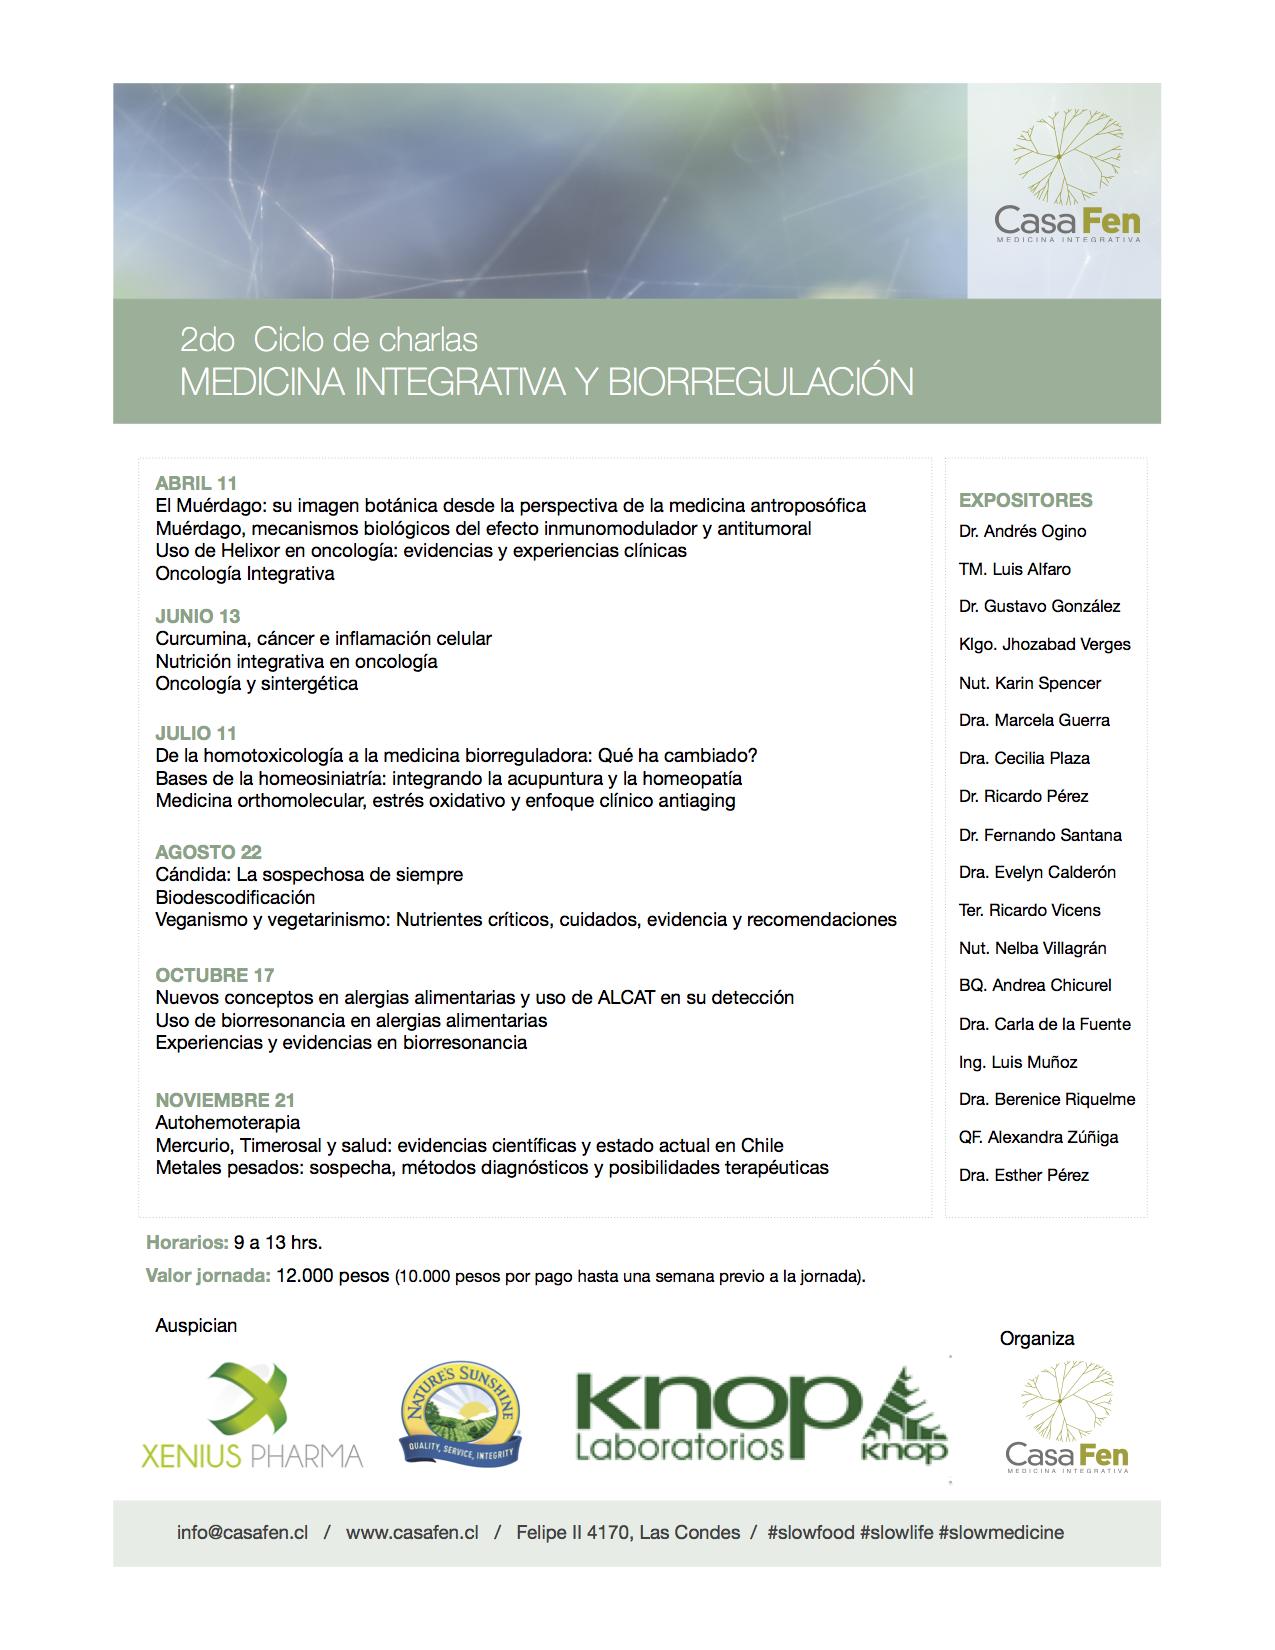 medicina natural alternativa oncologia sintergetica charla